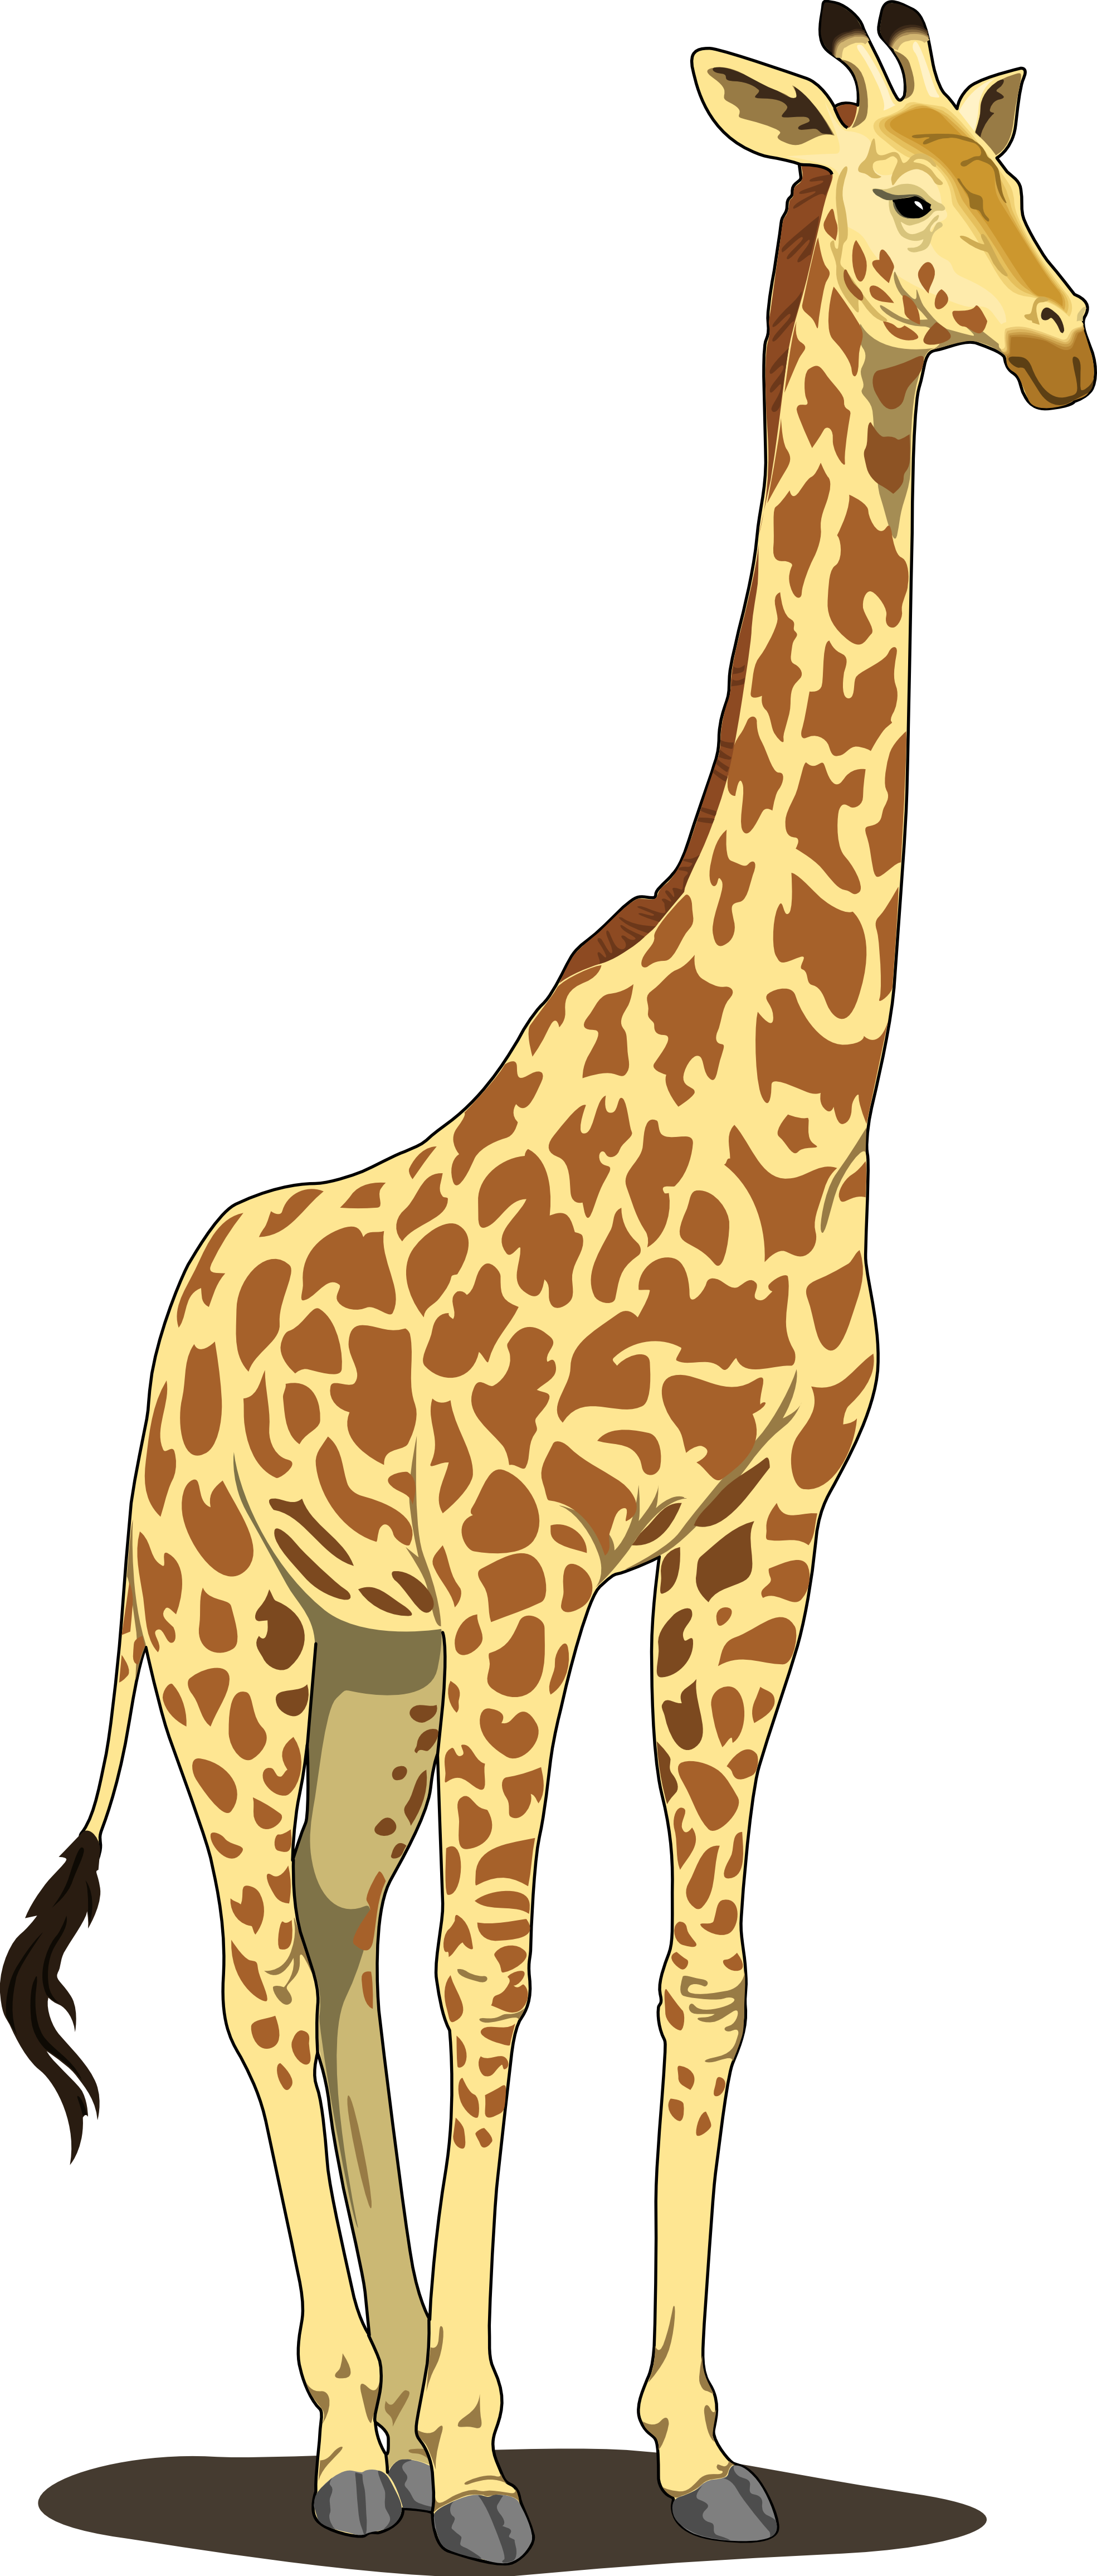 giraffe clipart widescreen 2 hd wallpapers [ 1969 x 4622 Pixel ]